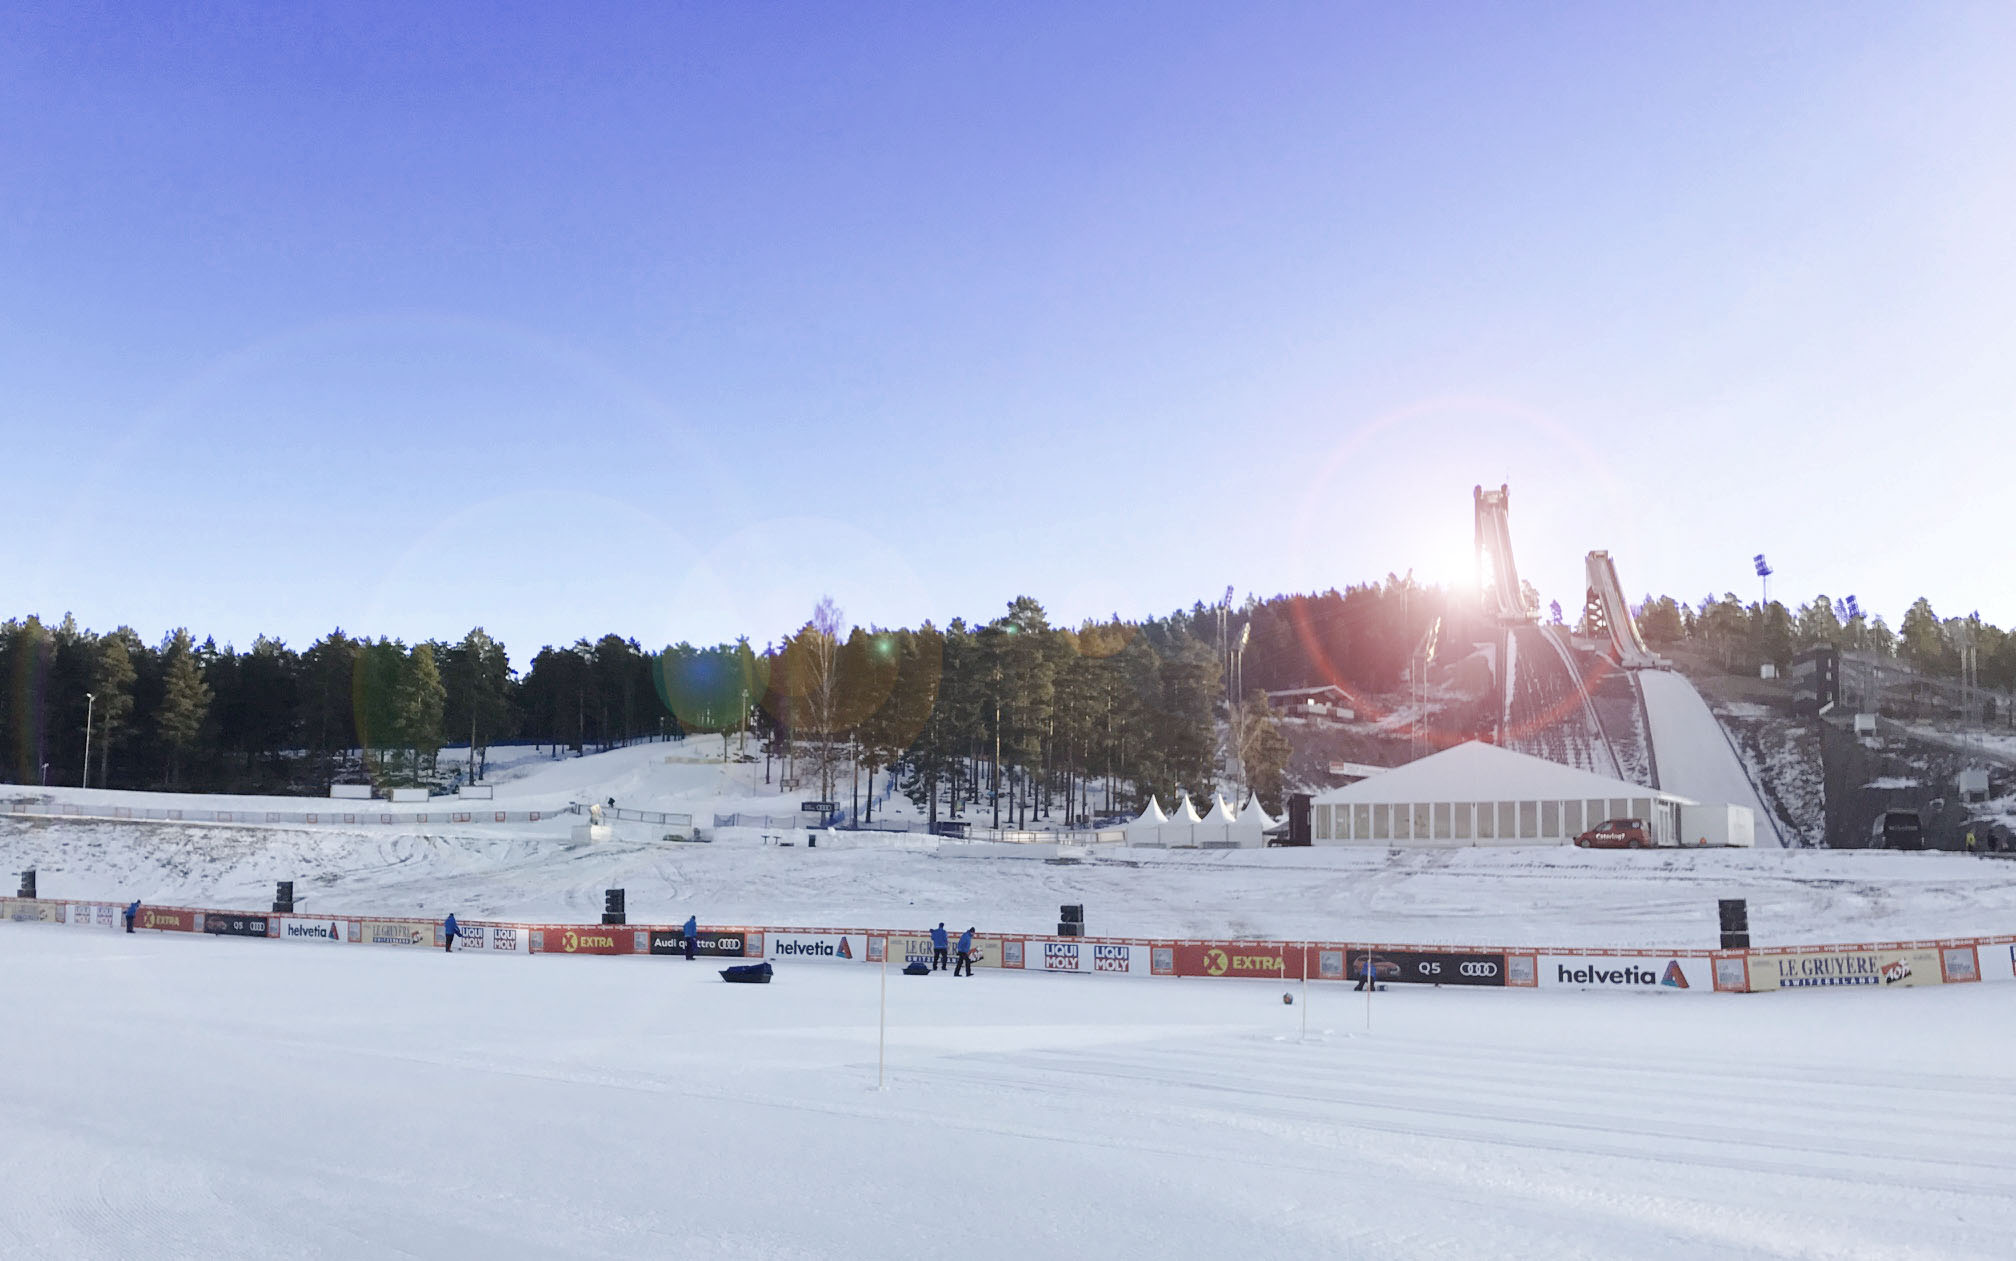 Falun Svenska skidspelen 2017